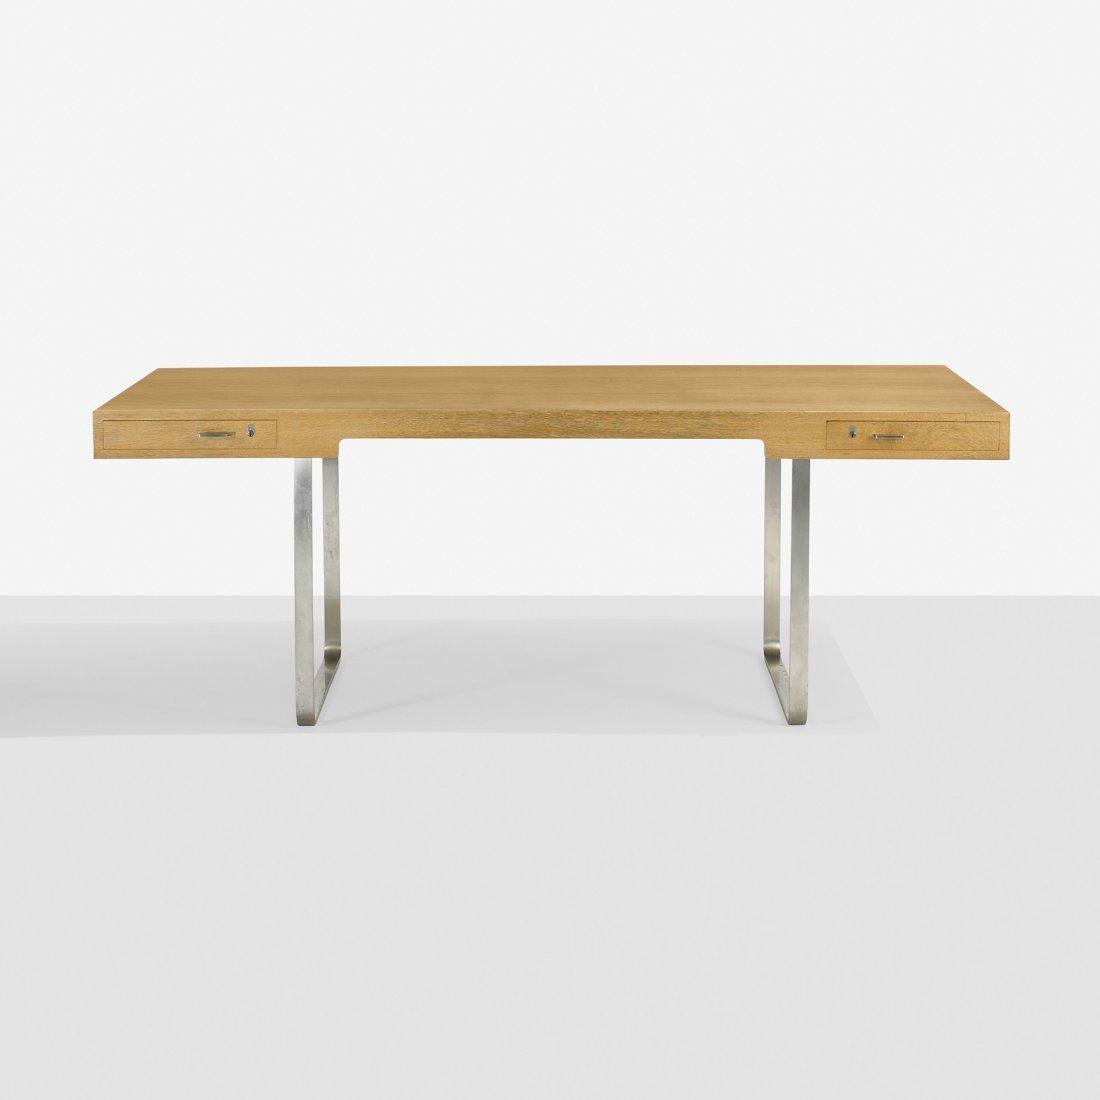 110: Hans Wegner desk, model JH 8110